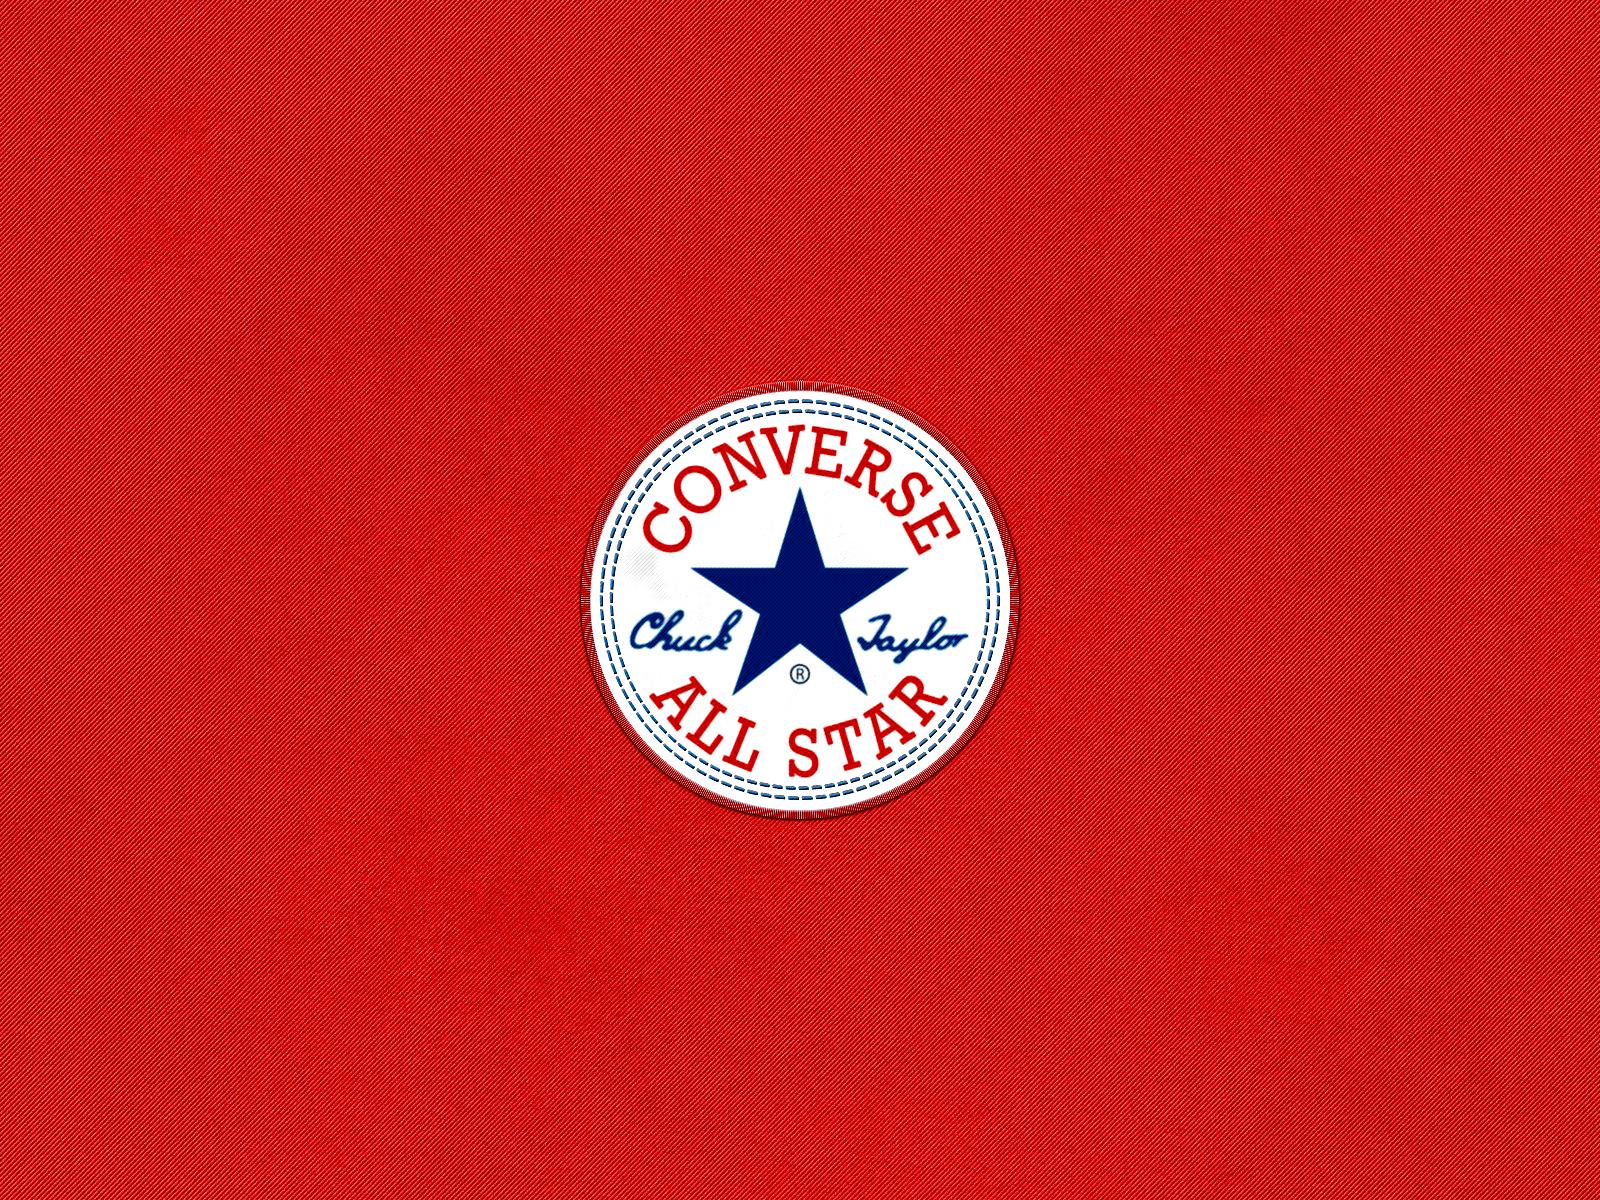 Converse All Star HD Logo Wallpapers | Desktop Wallpapers  Converse All St...